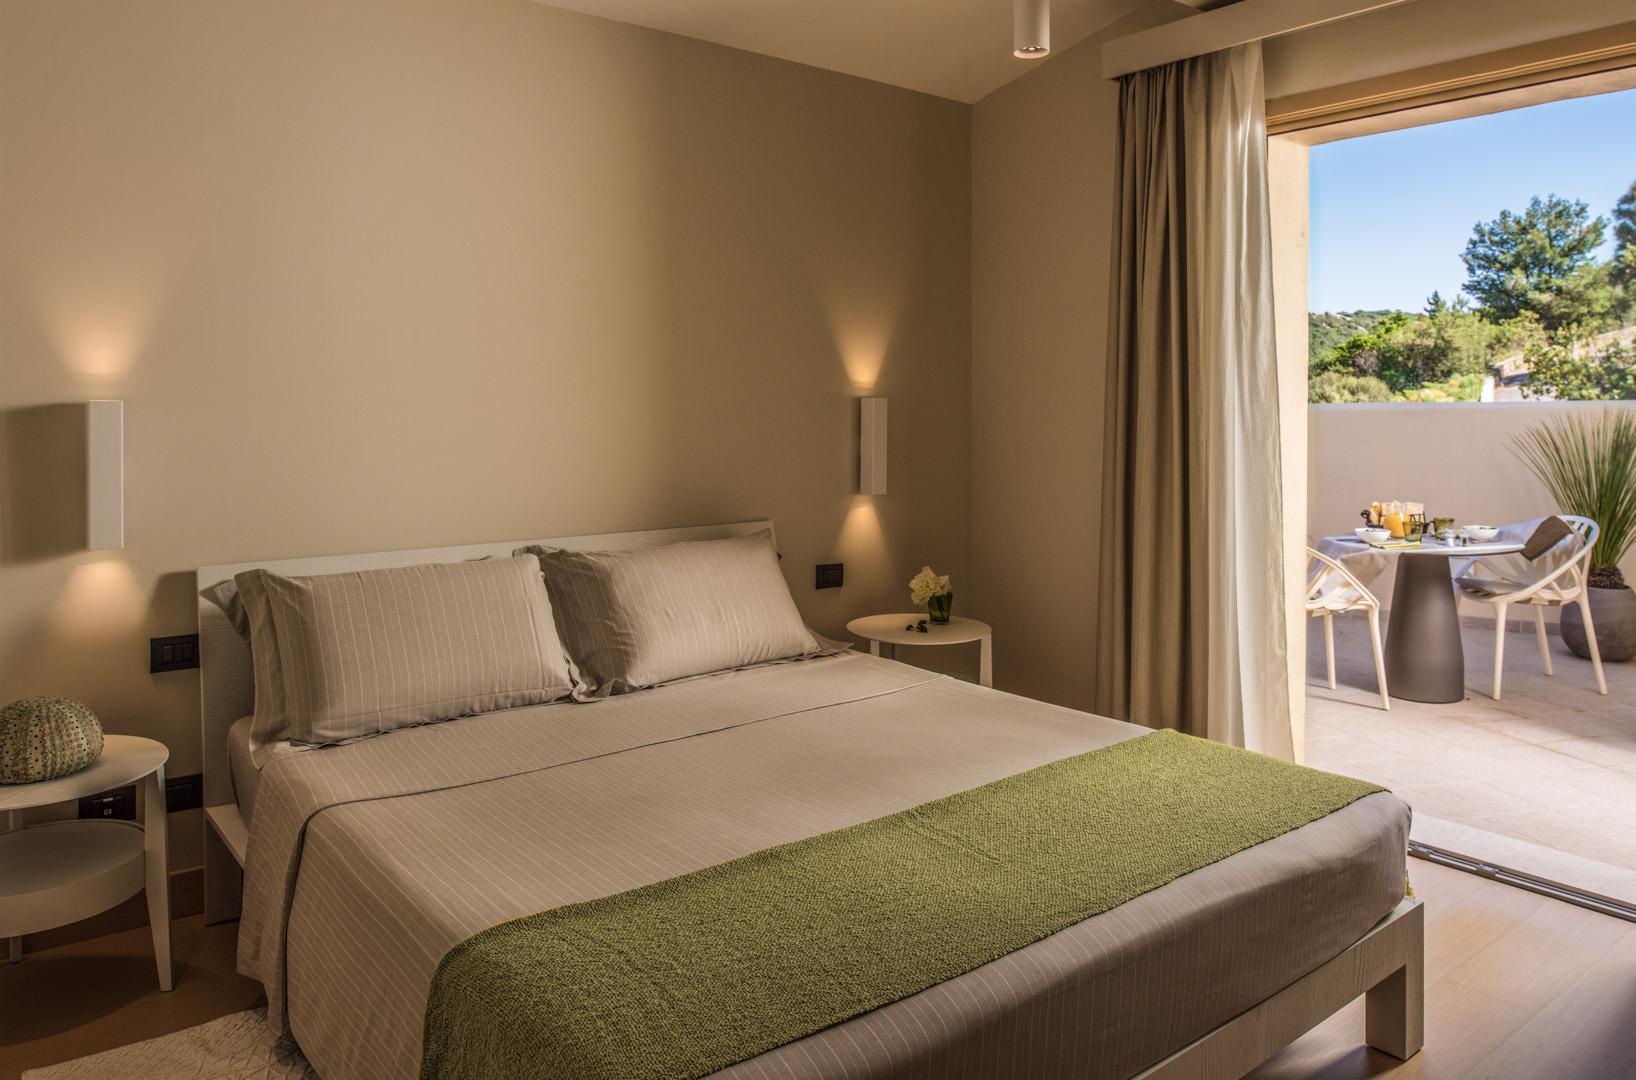 Hotel Calacuncheddi **** - Capo Ceraso, Olbia - GoInItaly